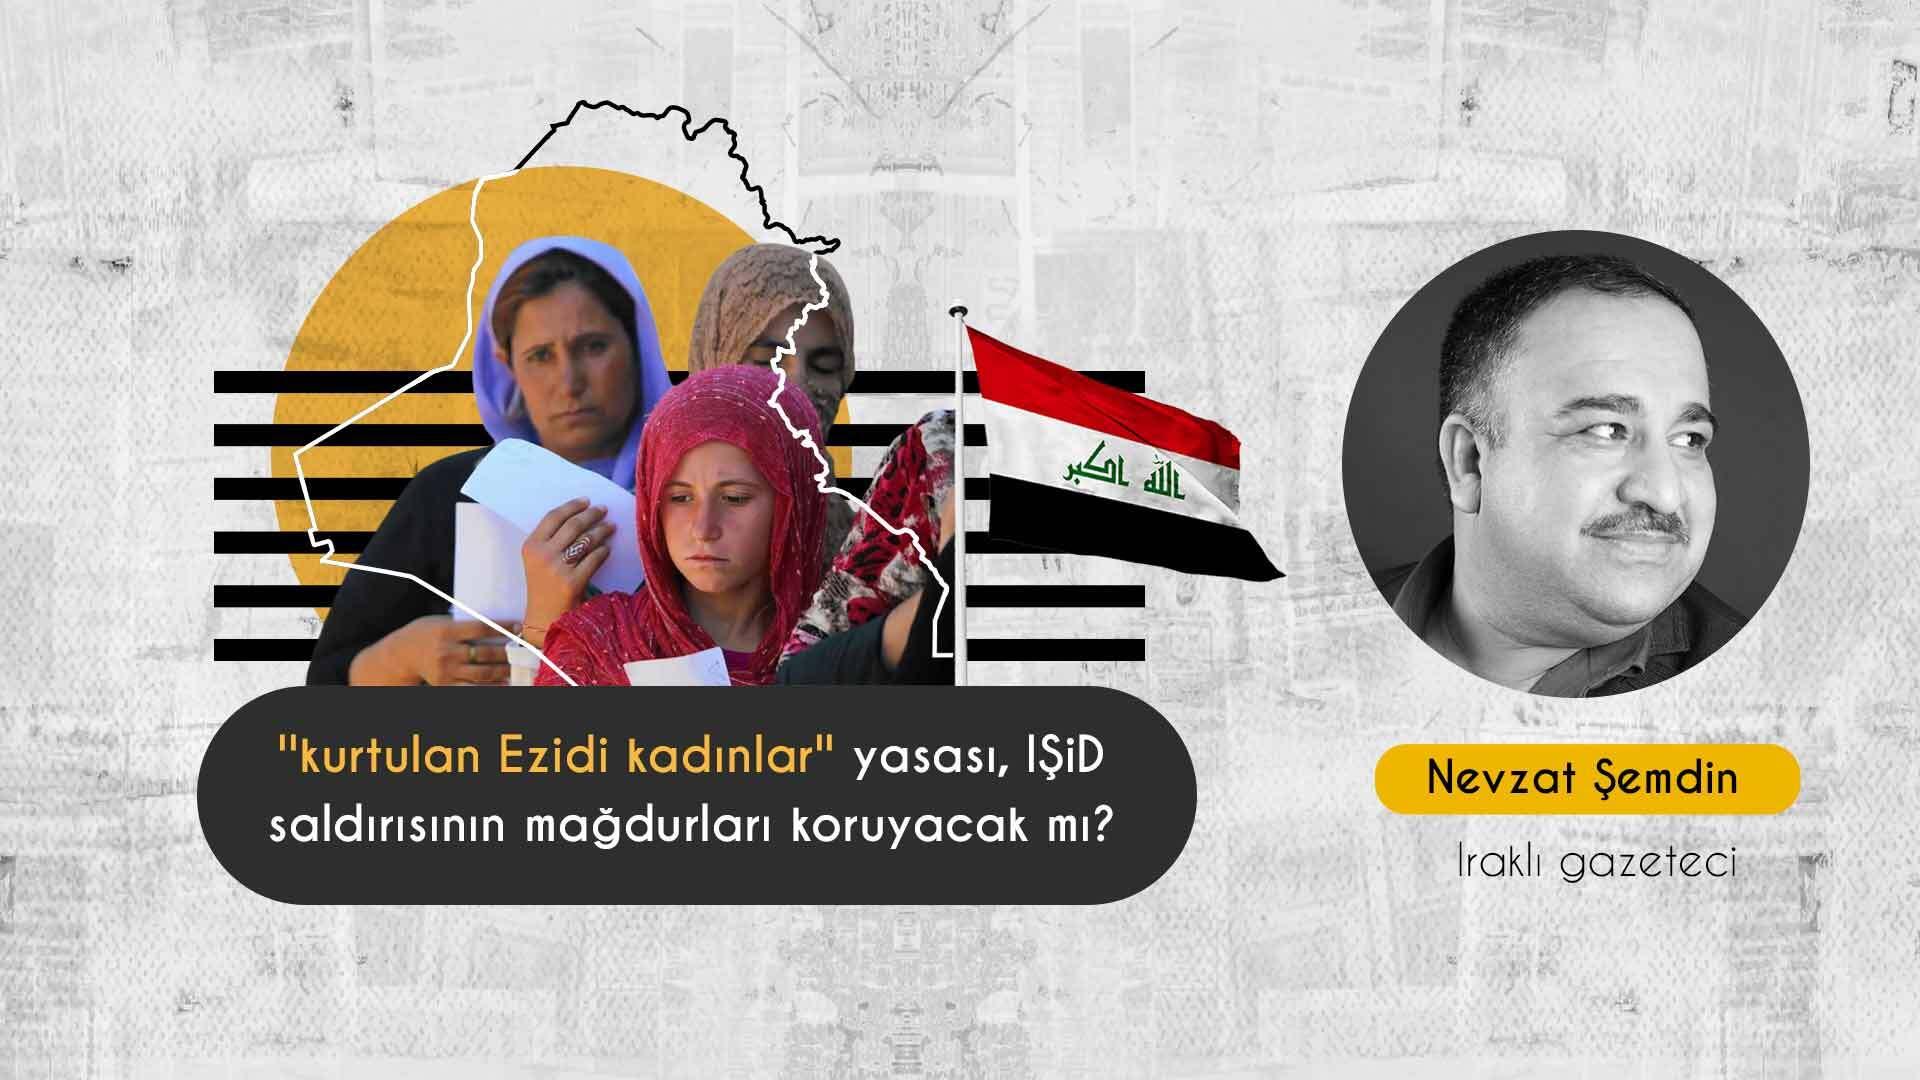 Irak'ta ''kurtulan Ezidi kadınlar'' yasası kadınları, mağdurları cezalandıran sosyal geleneklerden korunur mu?